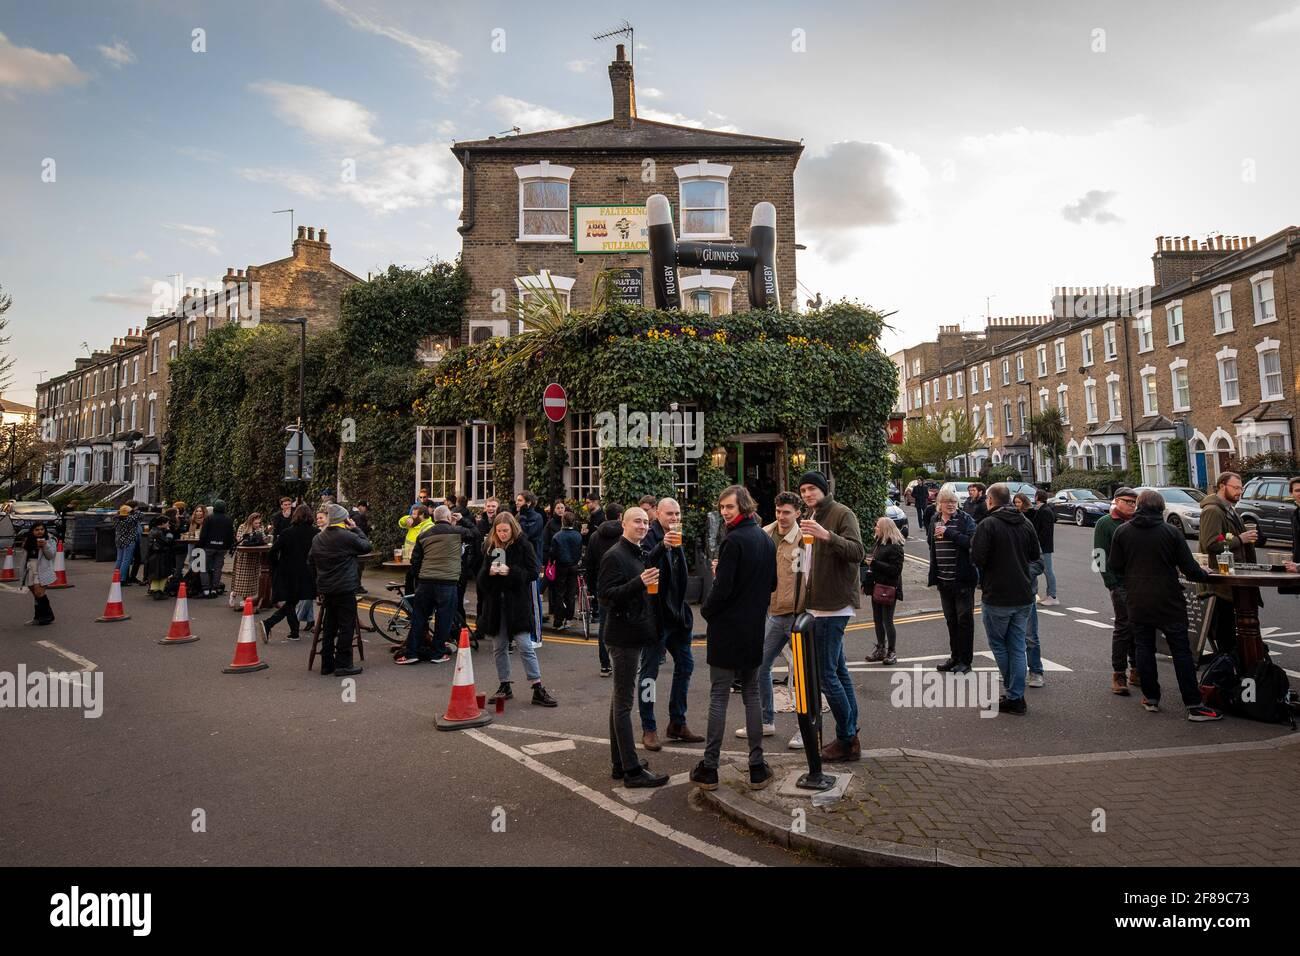 Londres, Reino Unido. 12 de abril de 2021. Bebedores fuera del flaqueante pub en Finsbury Park, North London, que abrió de nuevo hoy para beber afuera, ya que las medidas de encierro se alivian en todo el Reino Unido. Fecha de la foto: Lunes 12 de abril de 2021. El crédito de la foto debe ser: Matt Crossick/Empics/Alamy Live News Foto de stock